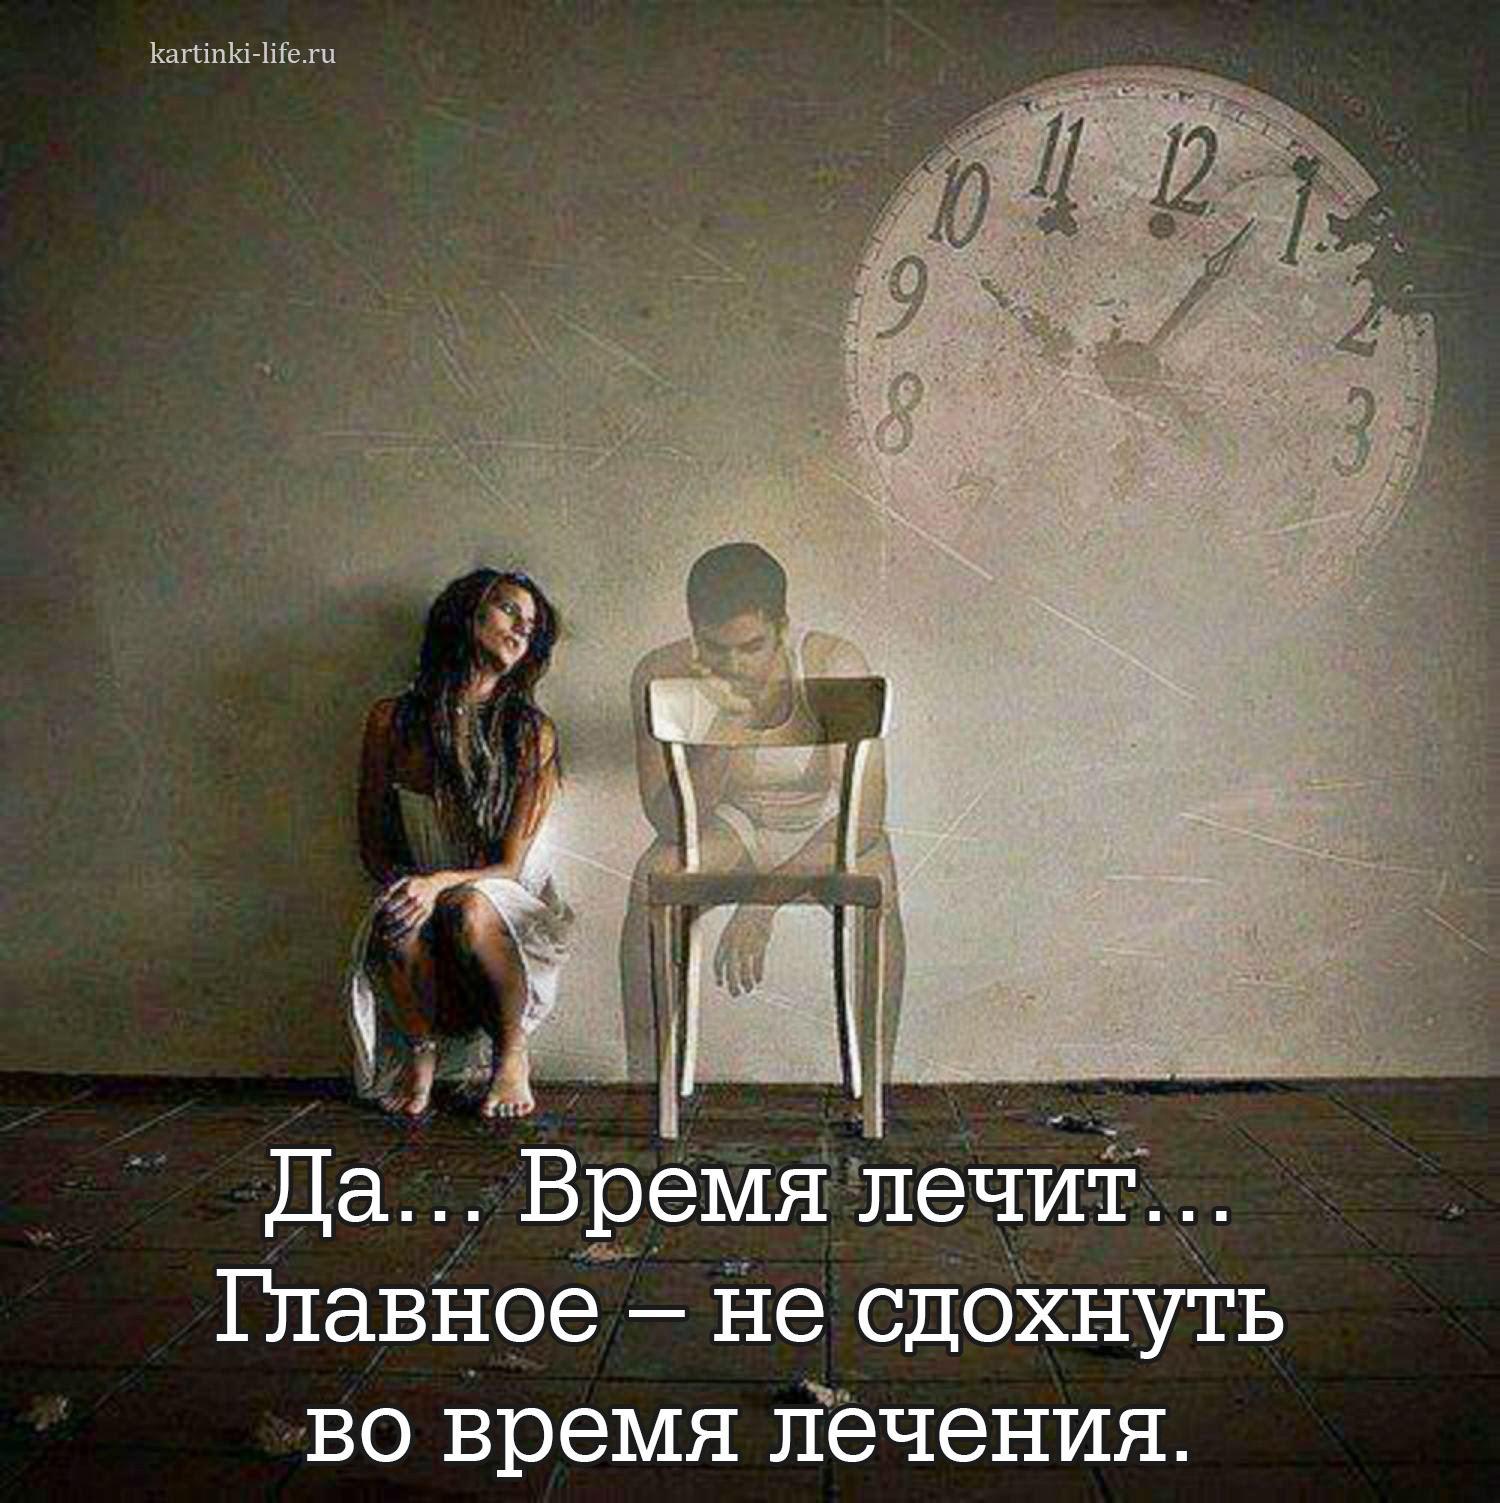 Да… Время лечит… Главное – не сдохнуть во время лечения.